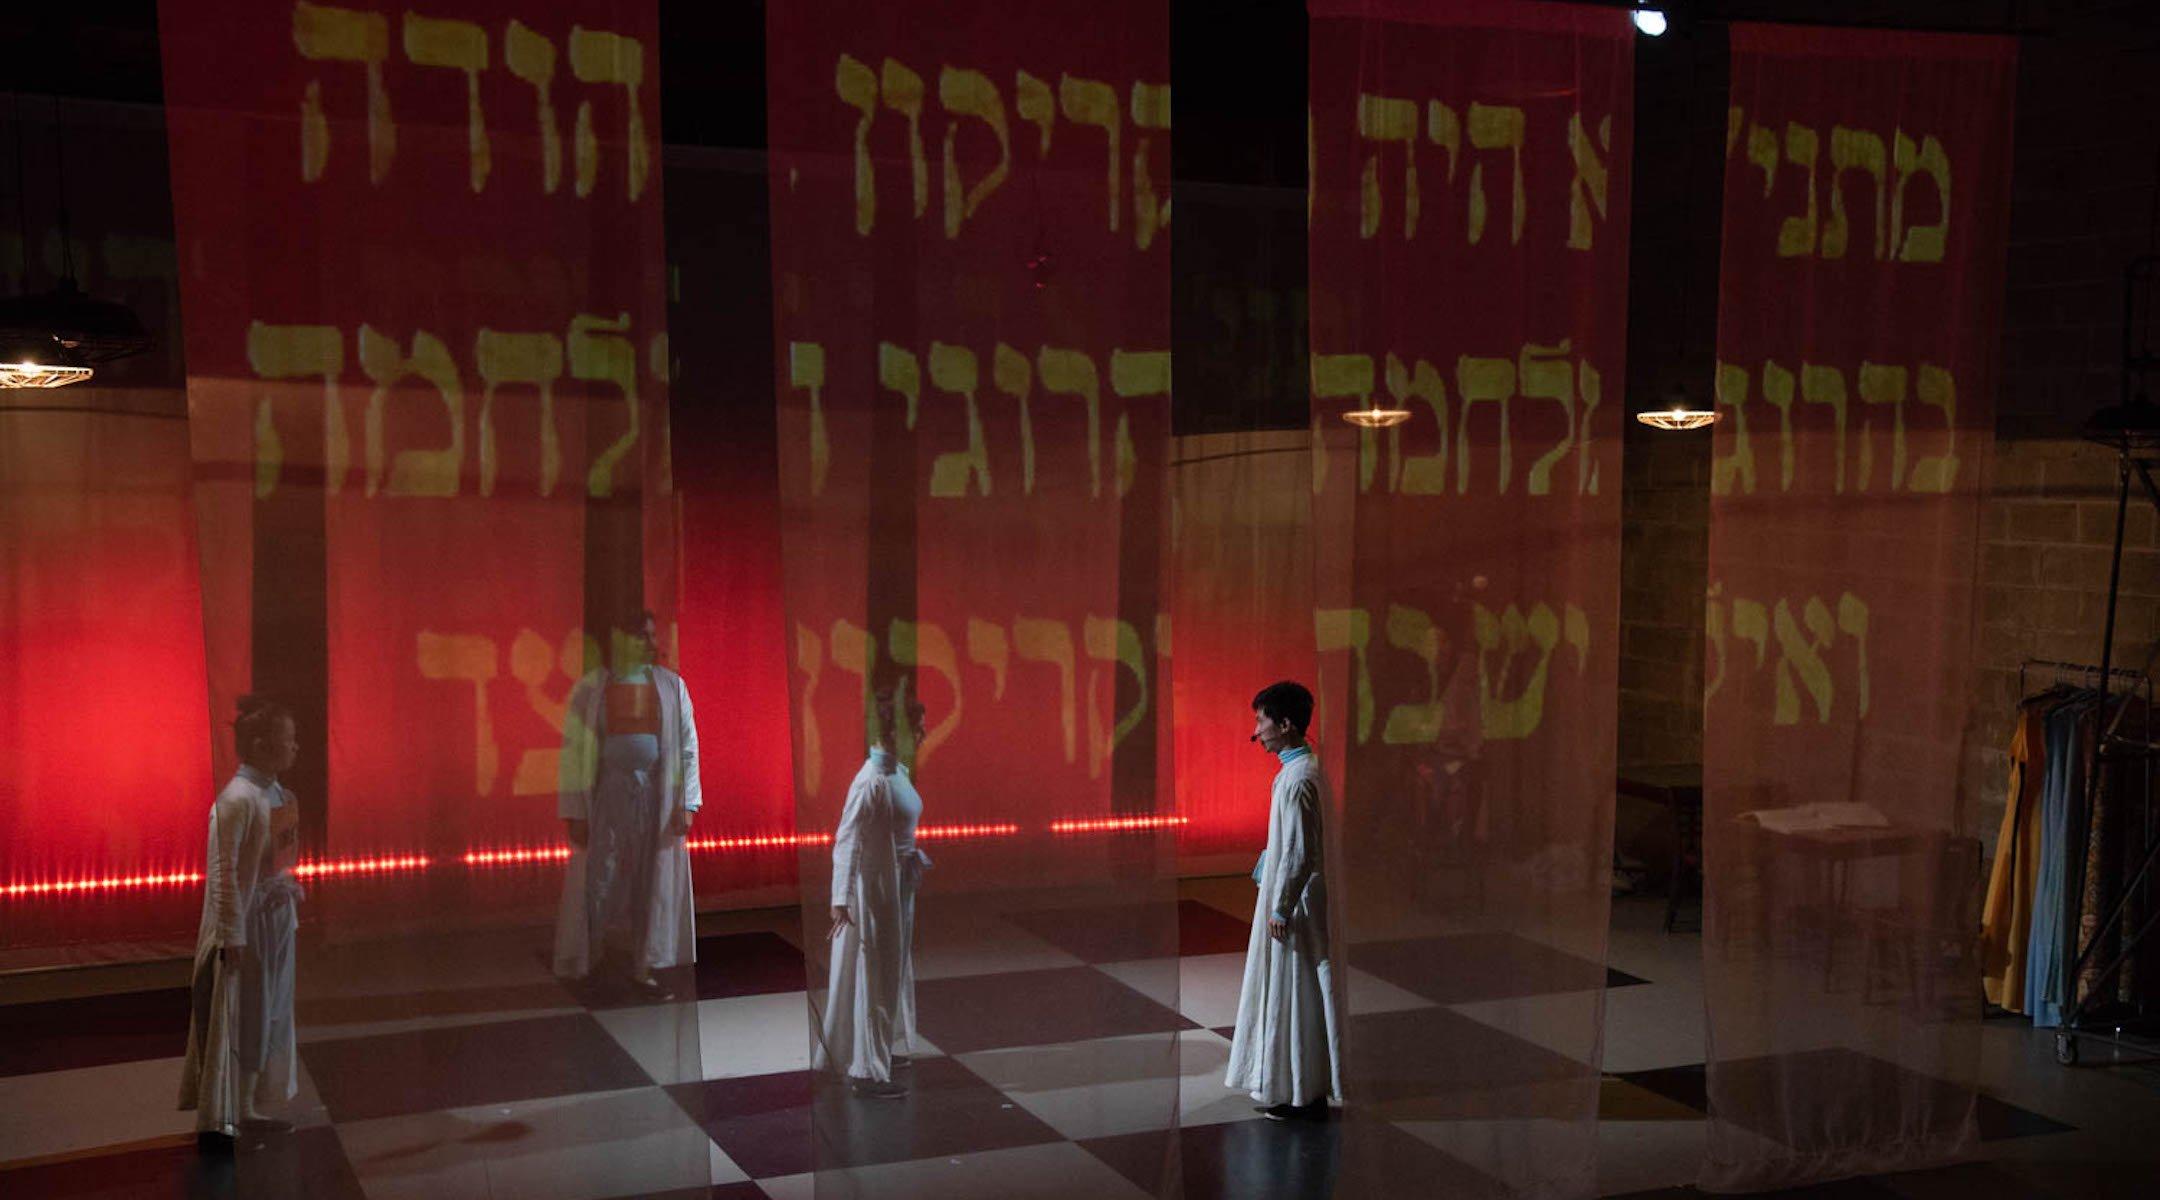 Vous pouvez en apprendre beaucoup sur le Talmud grâce aux films de kung fu, selon une nouvelle pièce